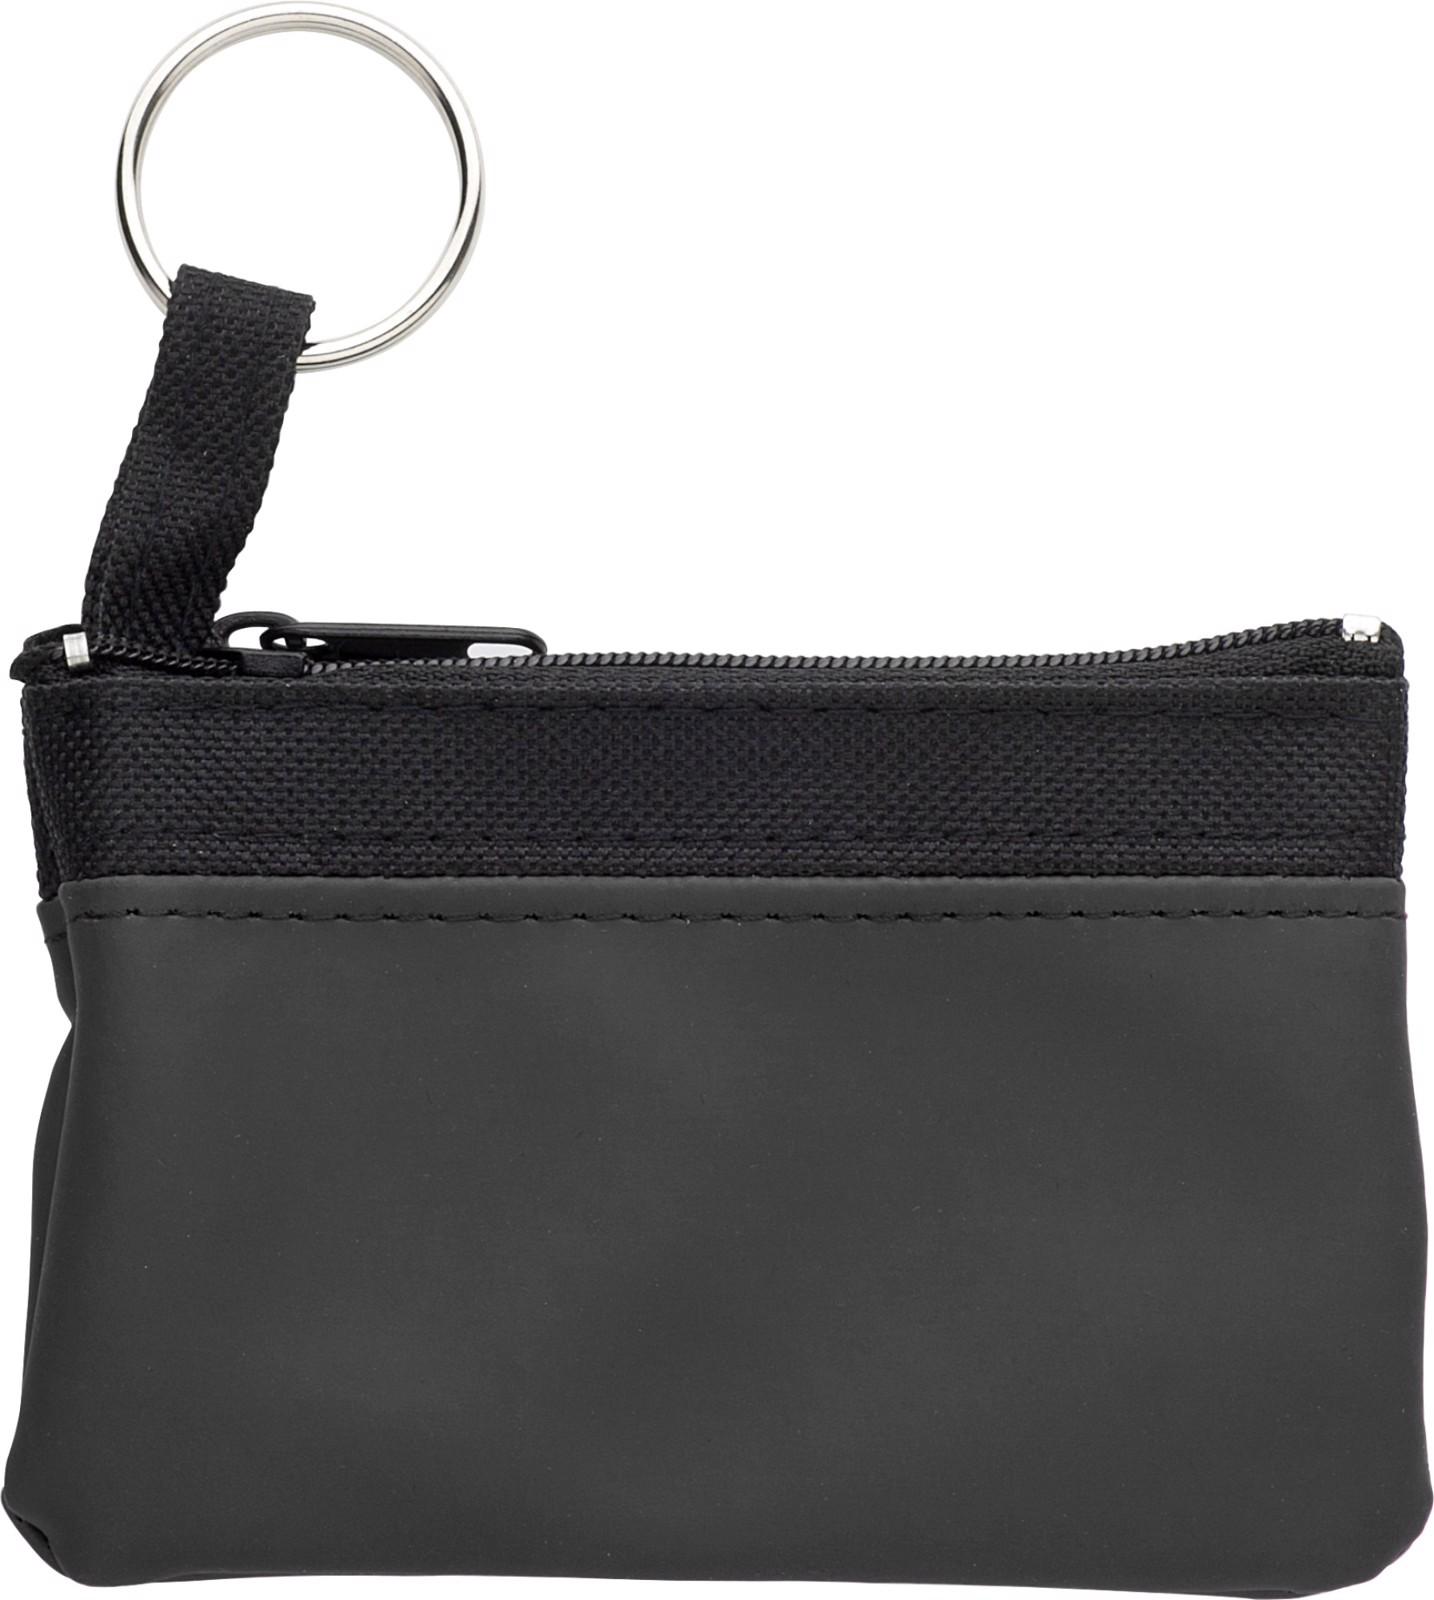 Nylon (600D) key wallet - Black